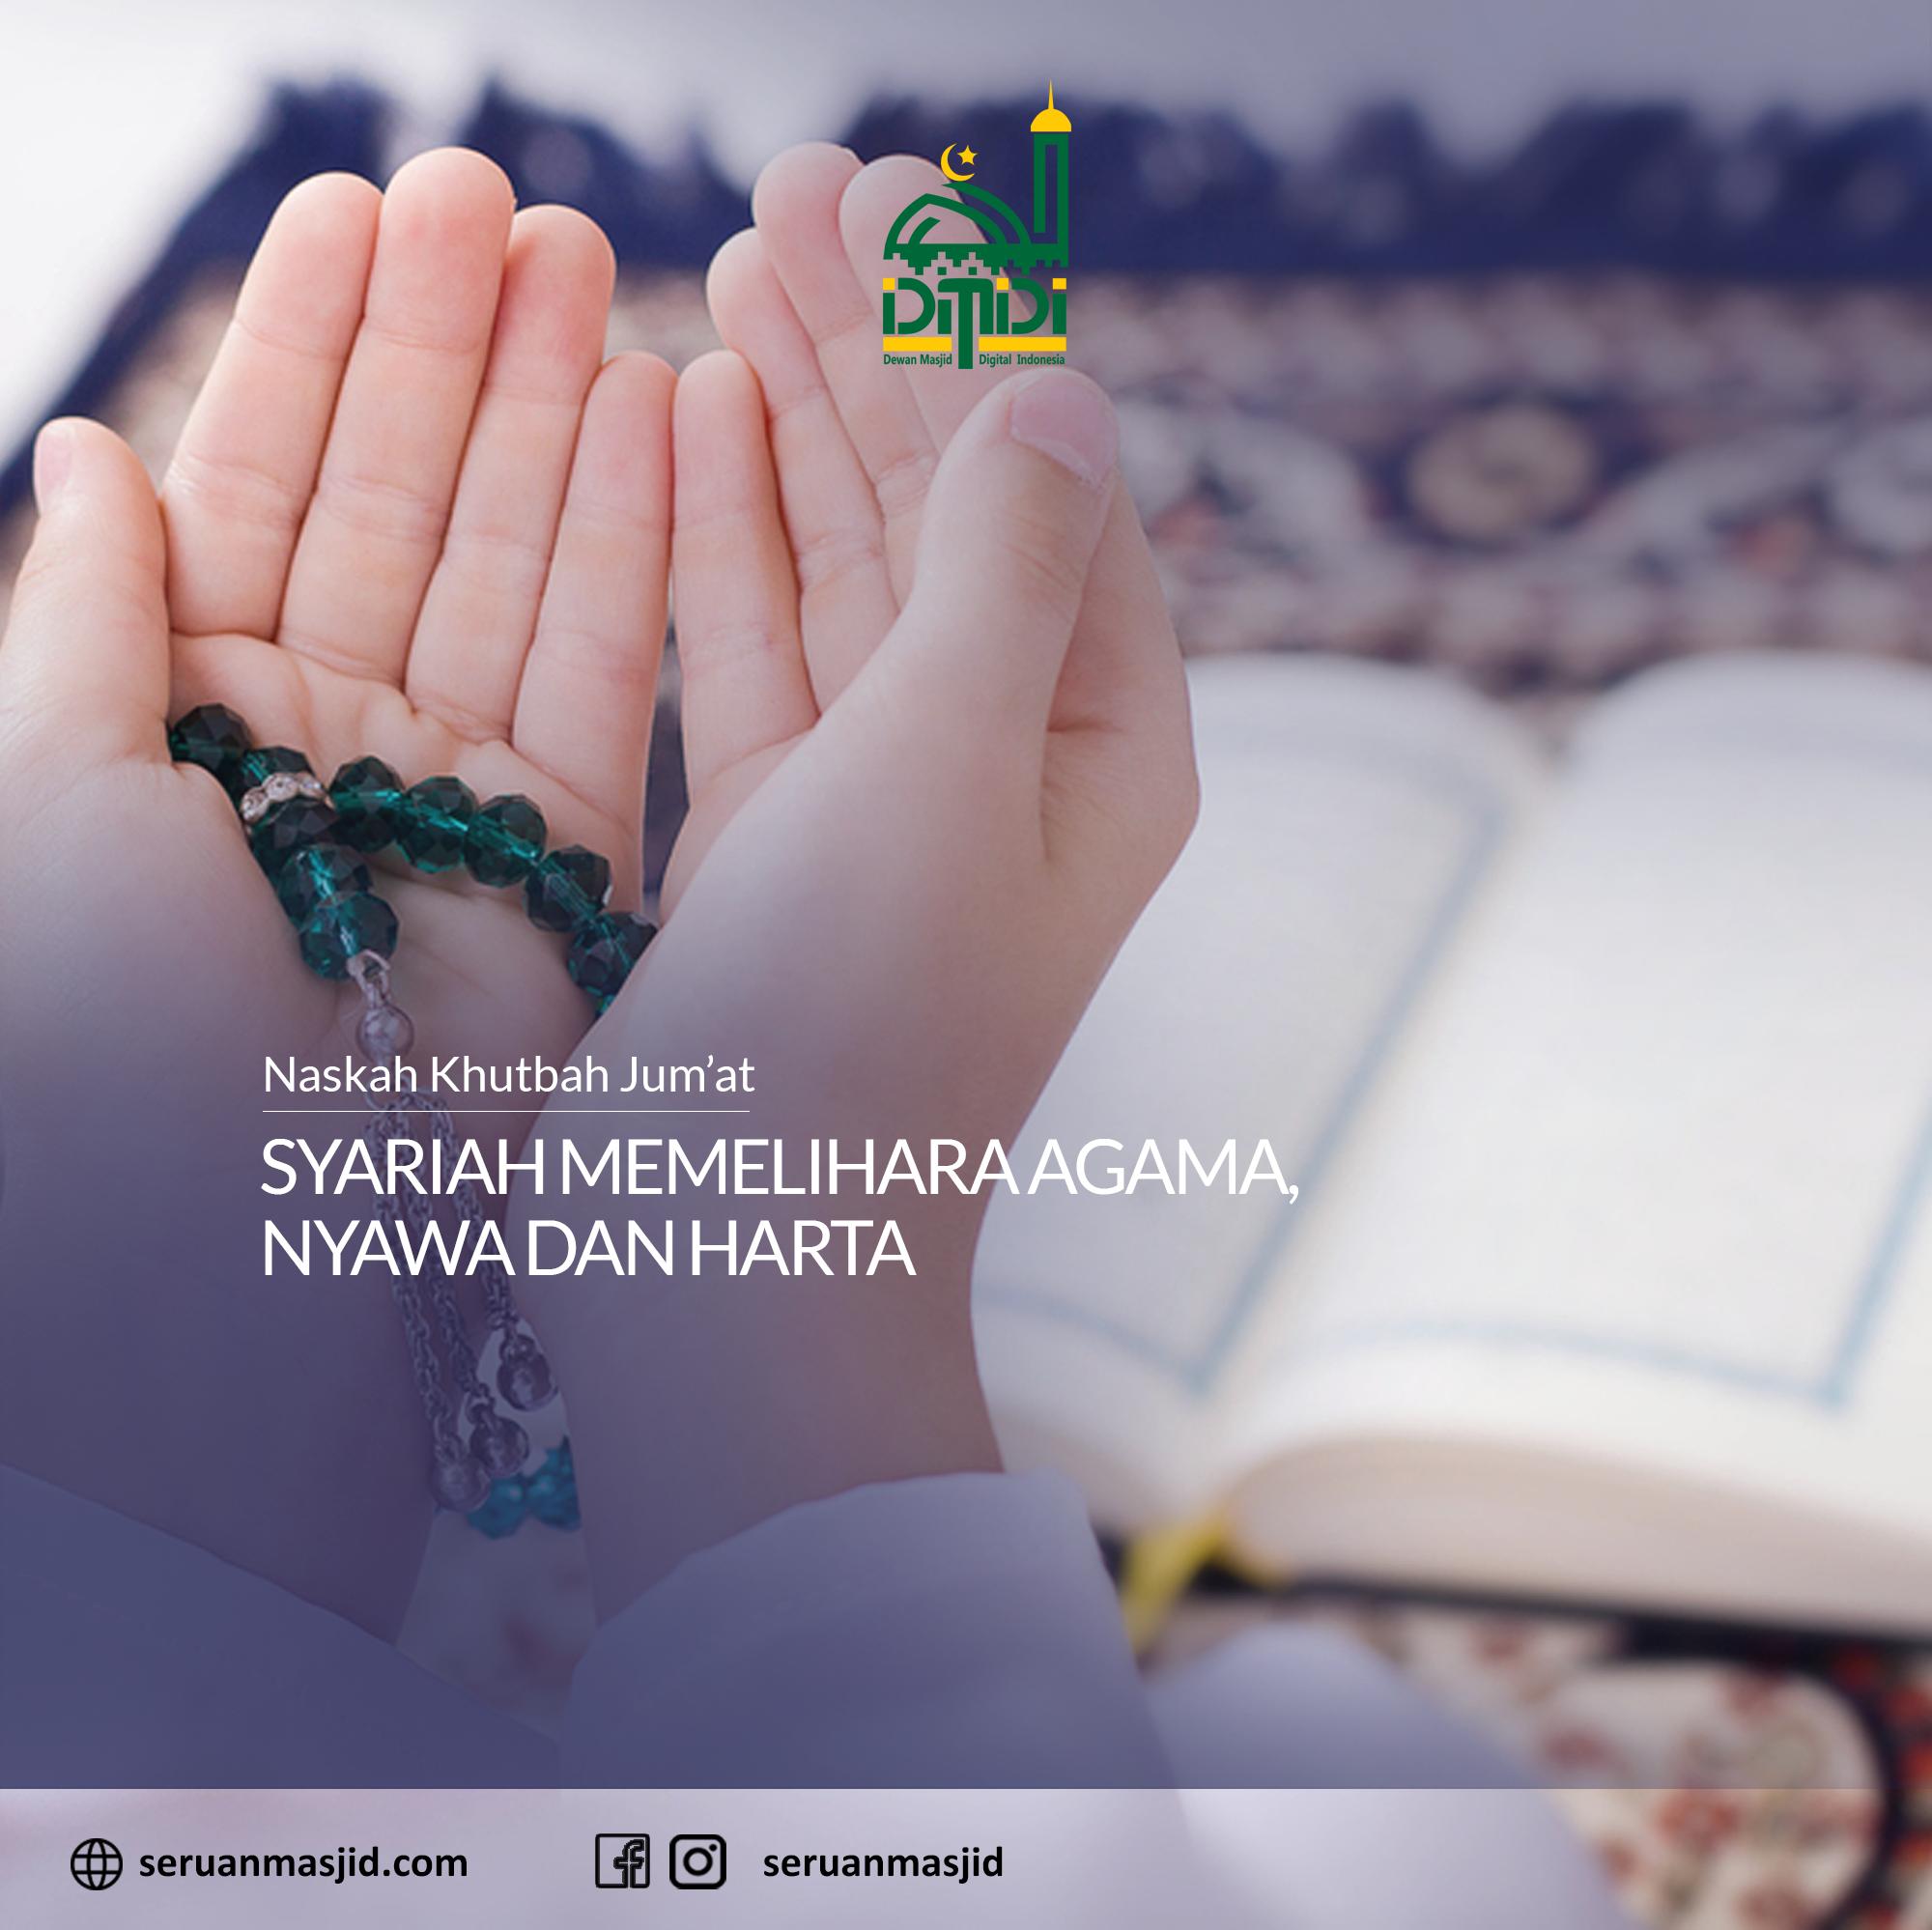 Naskah-Khutbah-Jumat-Syariah-Memelihara-Agama-Nyawa-dan-Harta-Dewan-Masjid-Digital-Indonesia-Seruan-Masjid